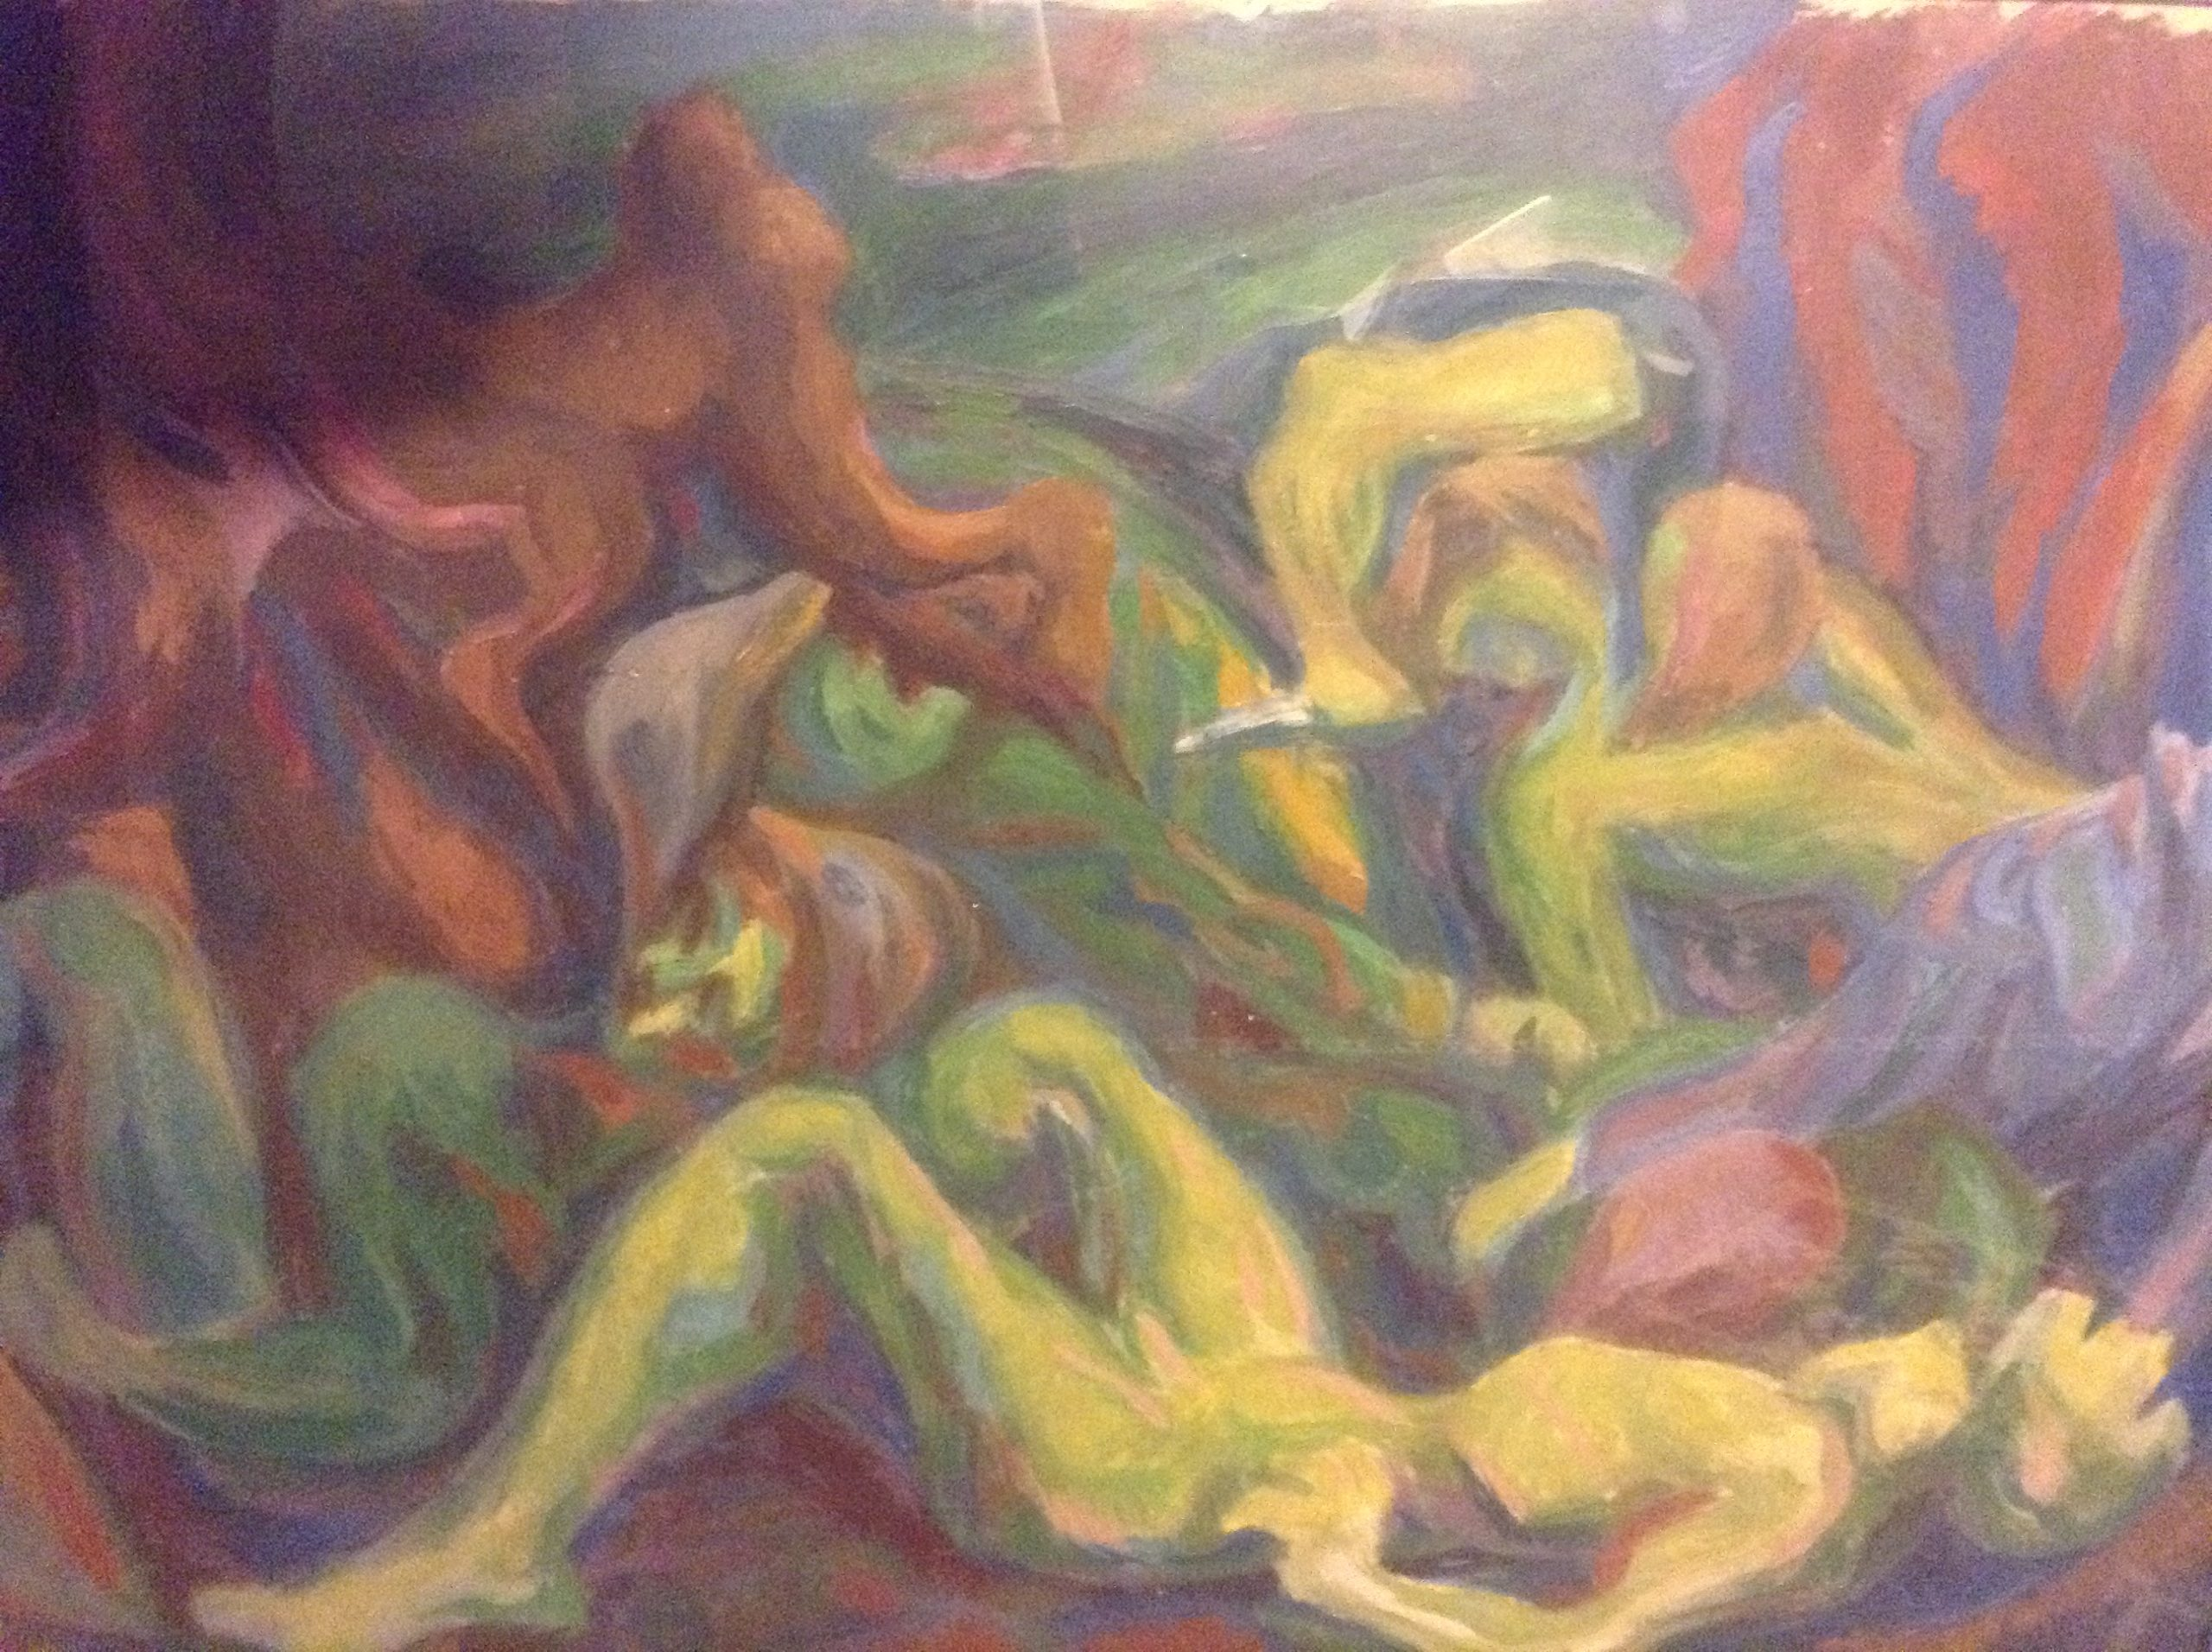 Sugár Andor, a holokauszt félreismert művésze